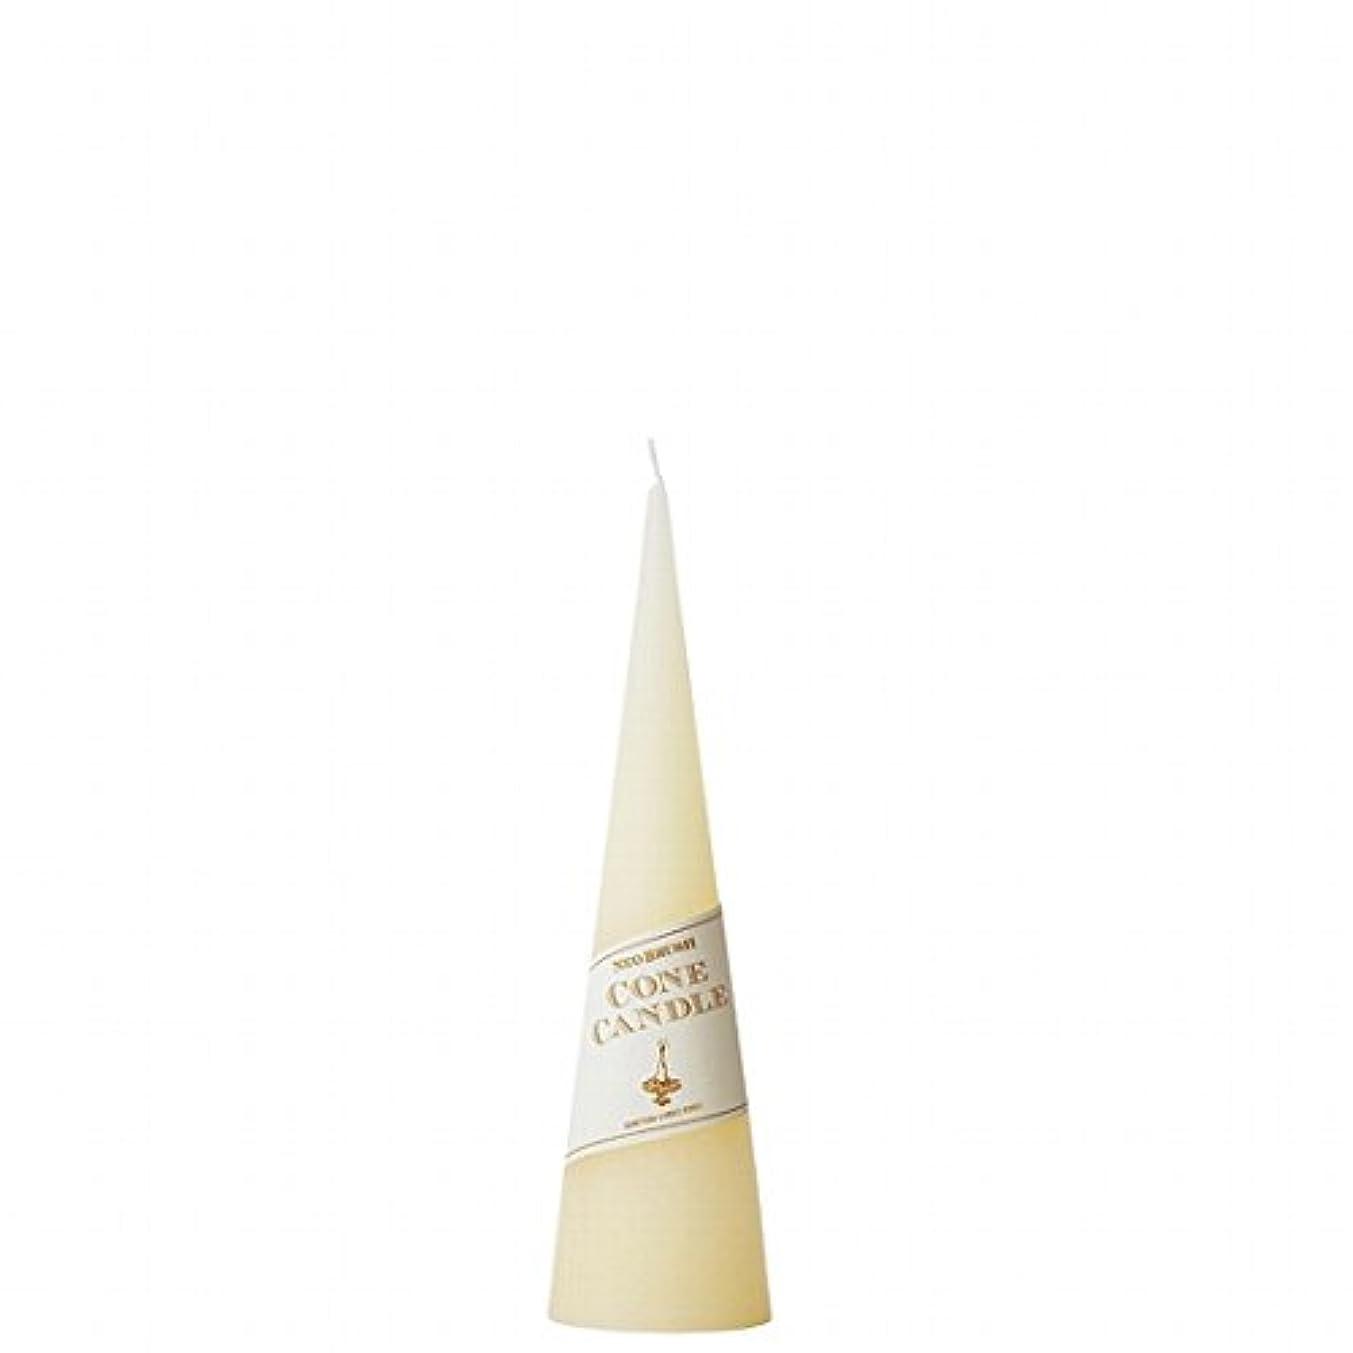 幻滅する発明するナースkameyama candle(カメヤマキャンドル) ネオブラッシュコーン 180 キャンドル 「 アイボリー 」(A9750010IV)